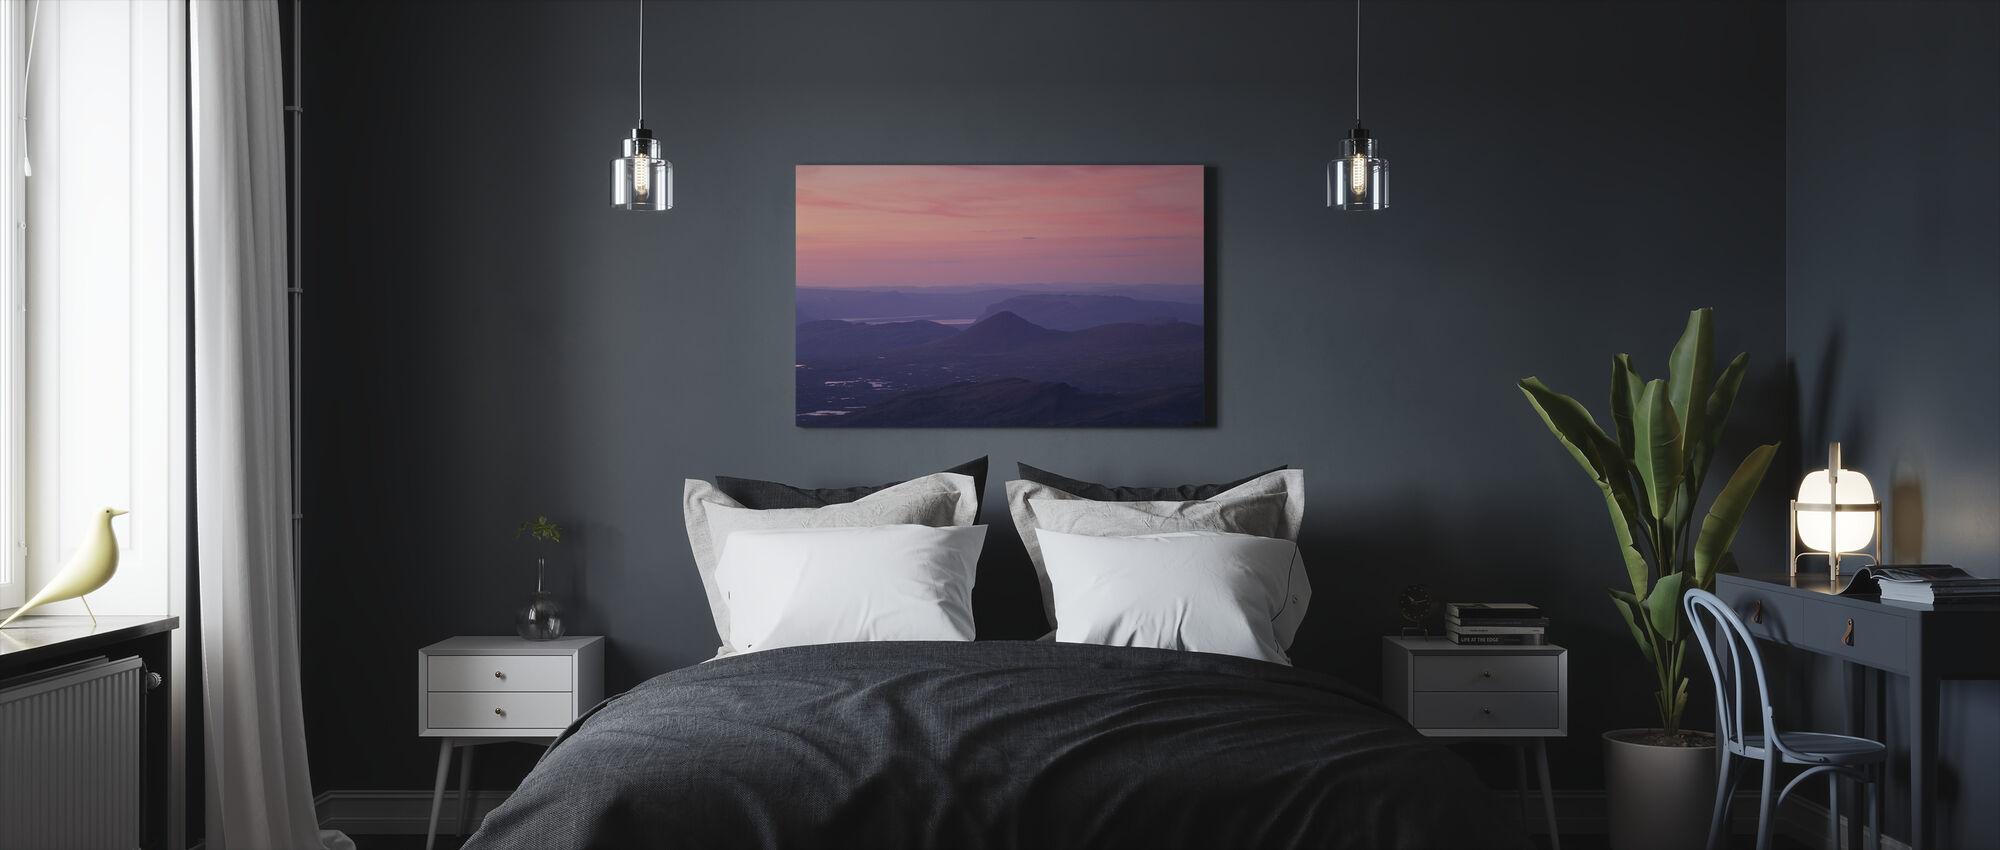 Månen over Sarek National Park, Sverige - Billede på lærred - Soveværelse